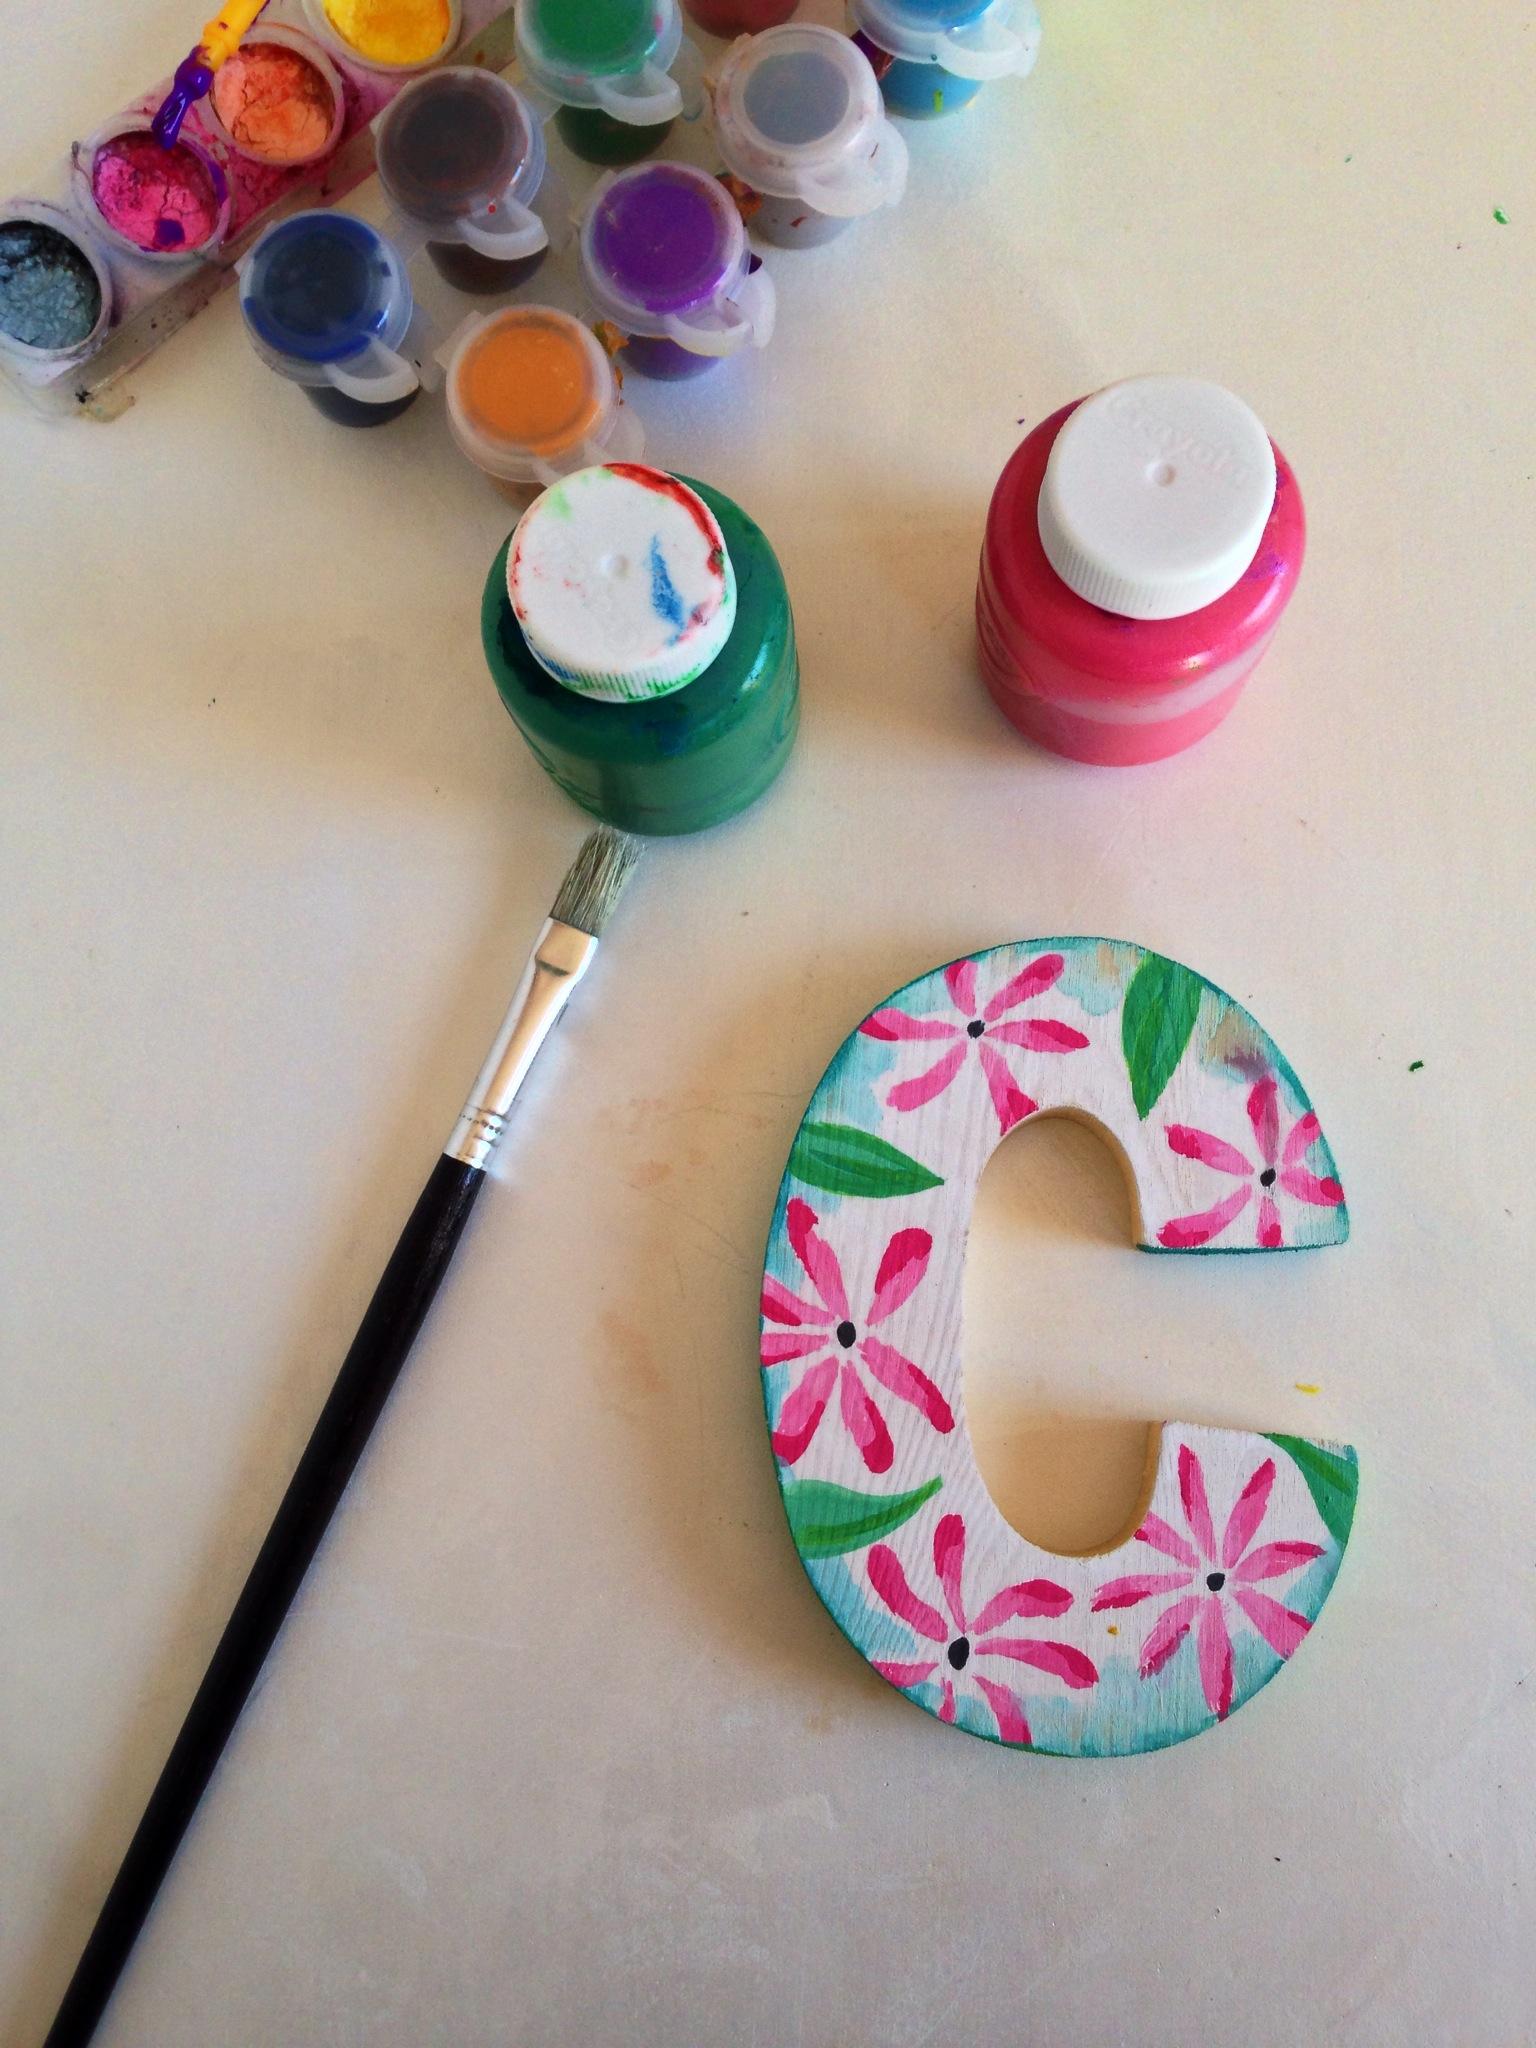 Giochi da decorare case e stanza : giochi di decorare case e ...